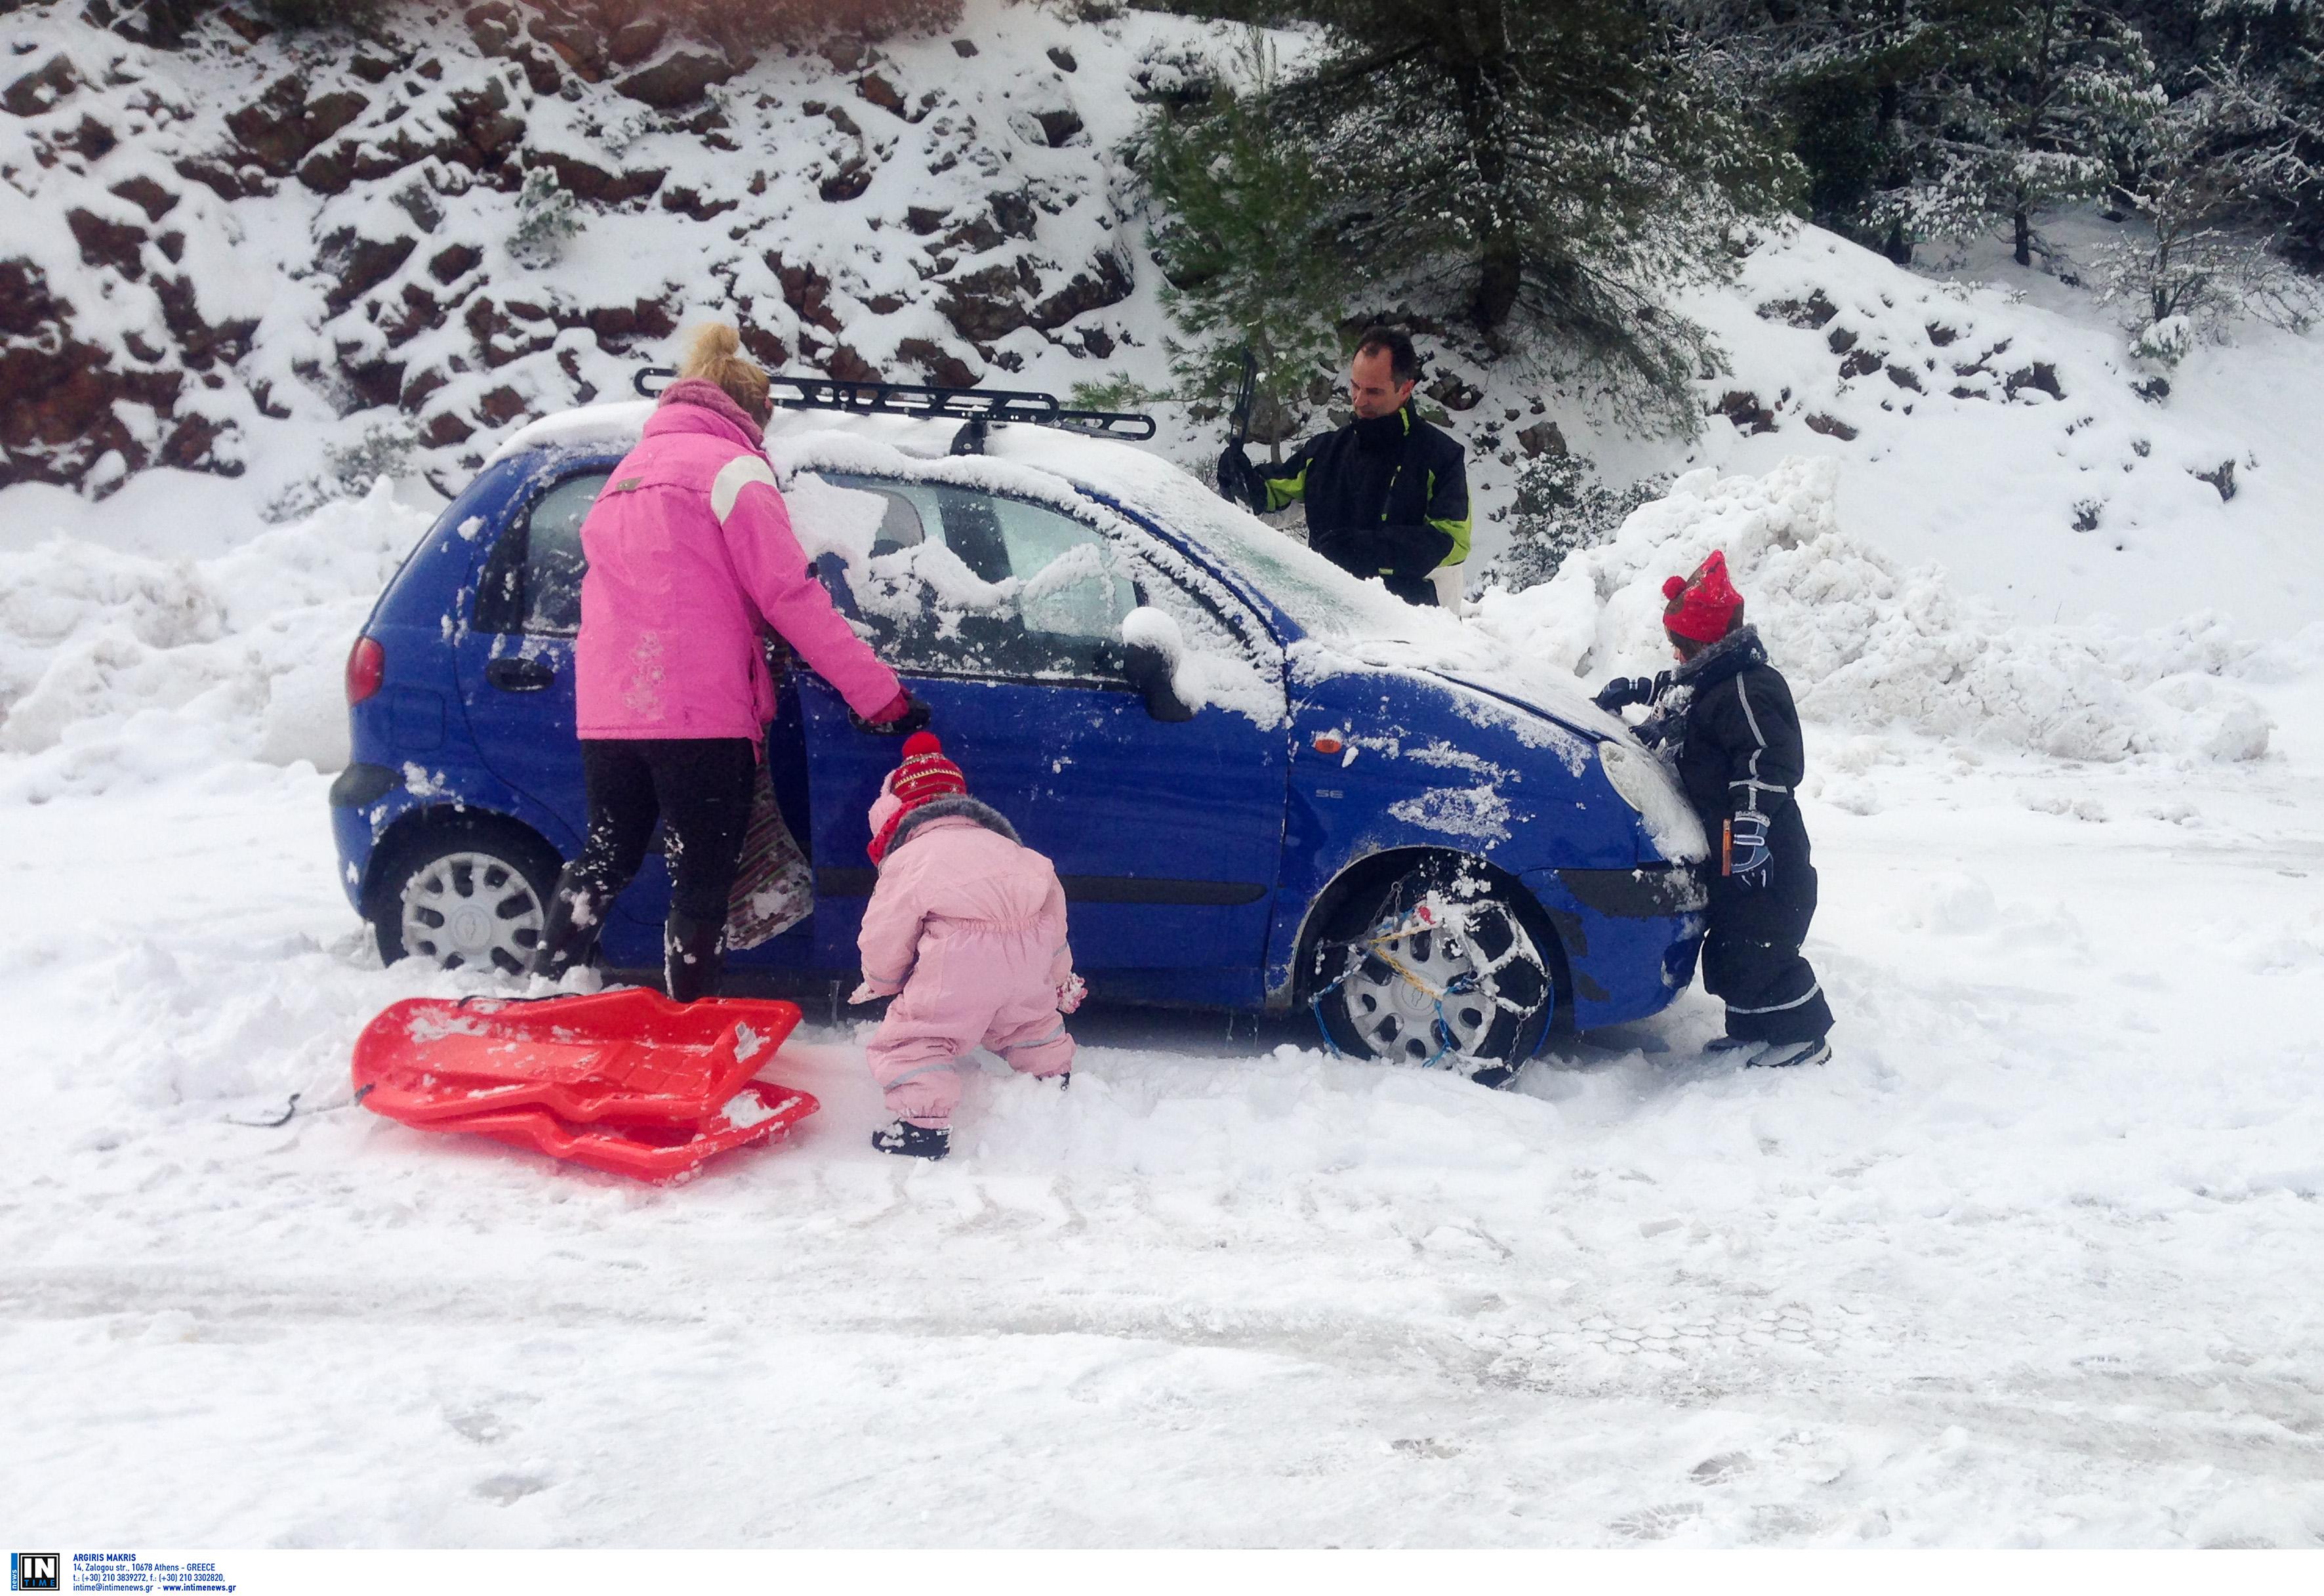 Καιρός: Ποιοι δρόμοι είναι κλειστοί λόγω χιονιού